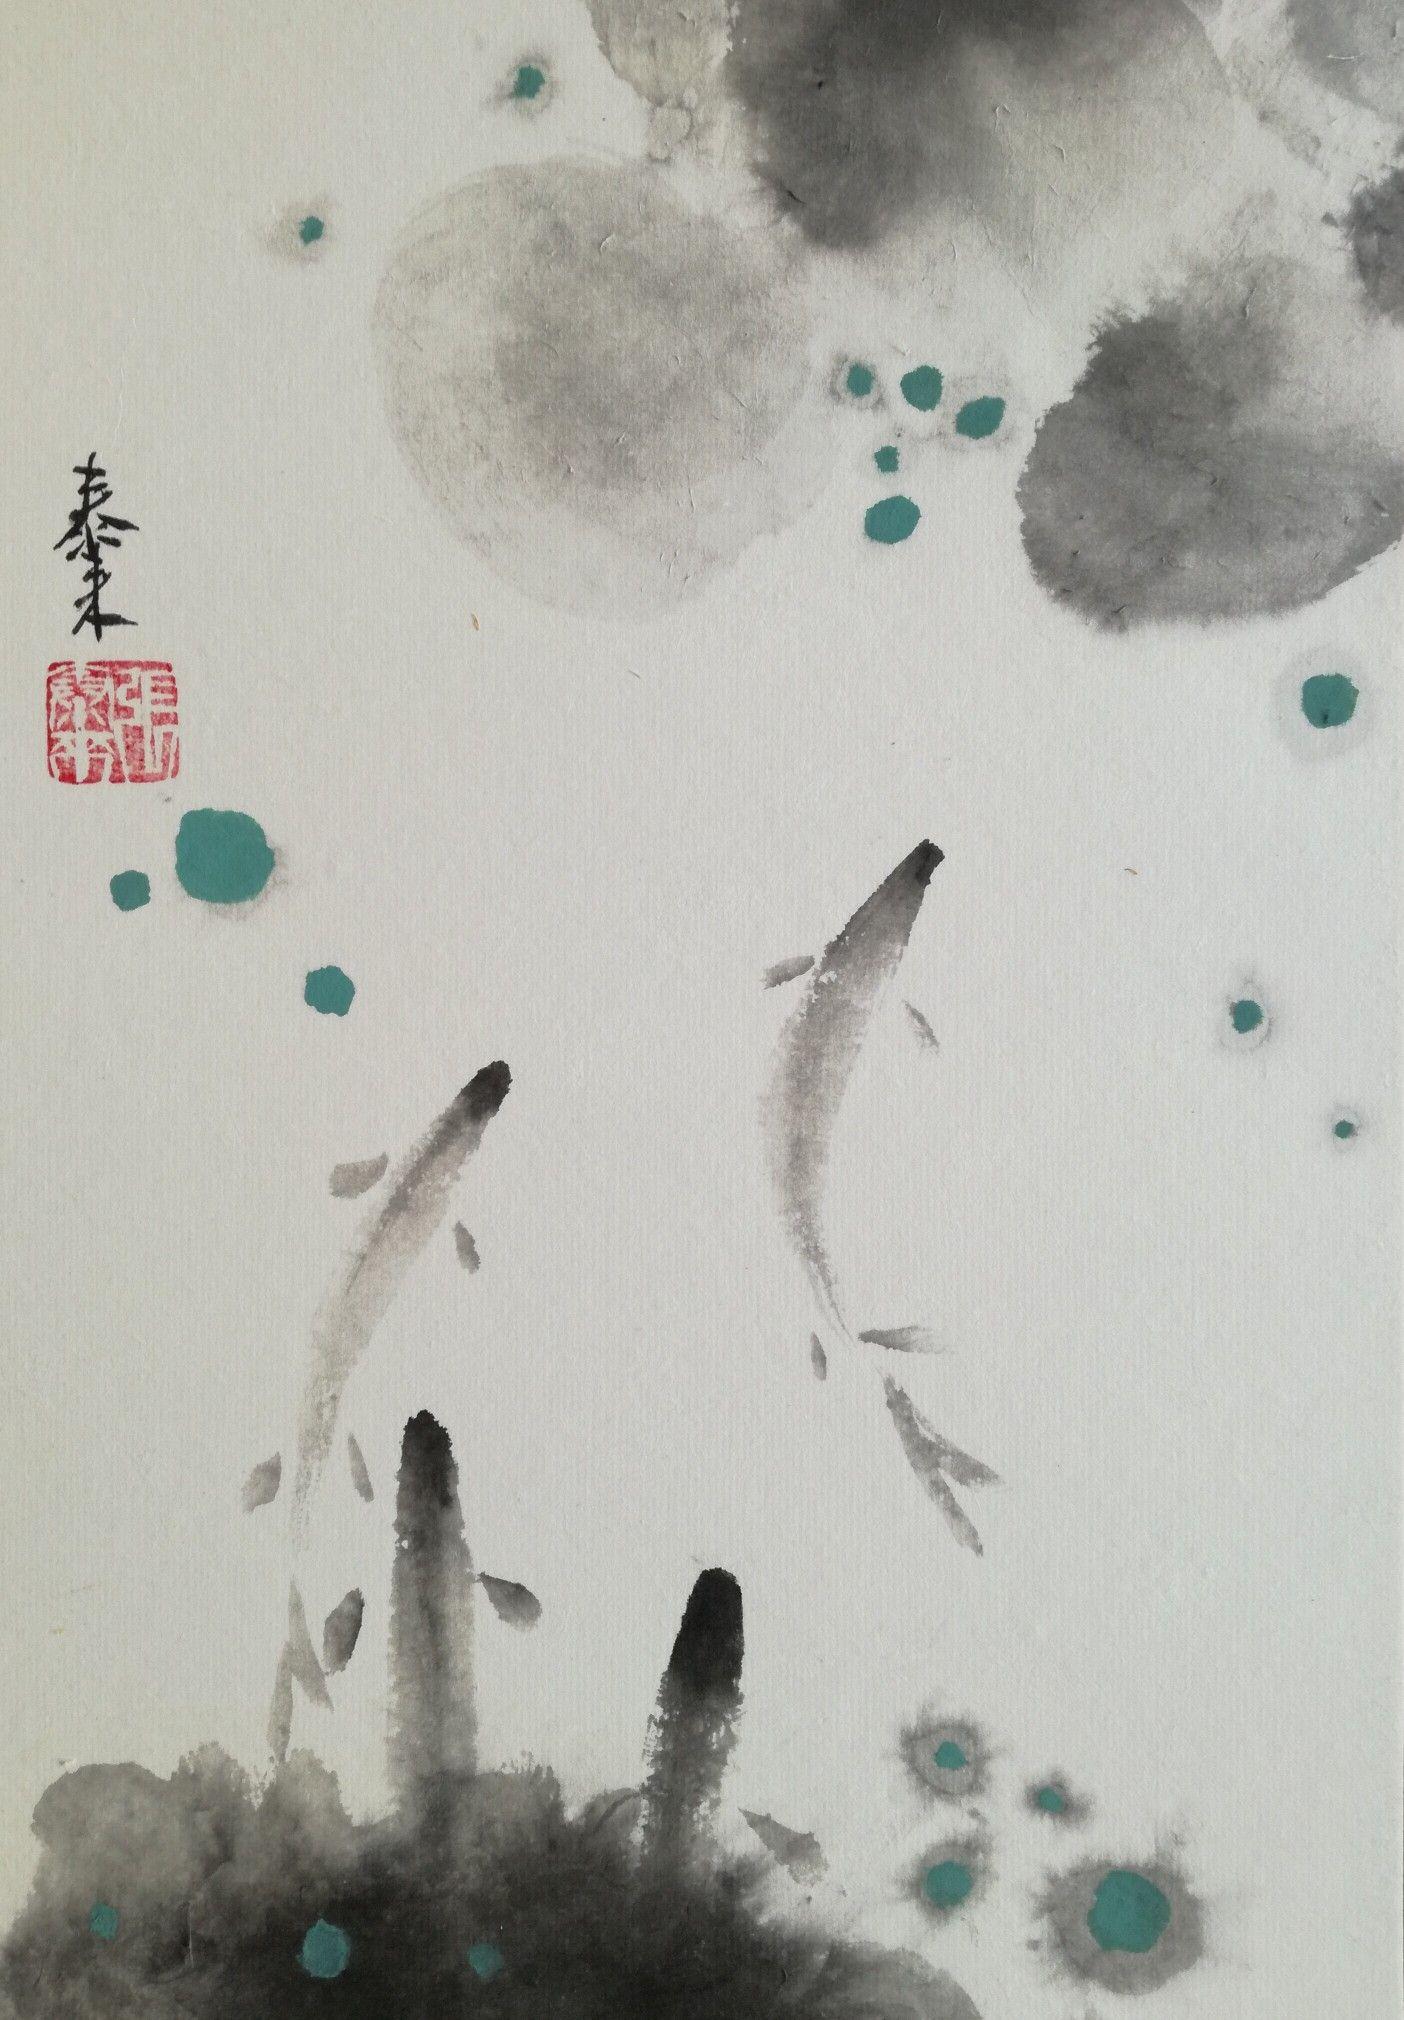 Zg053cd124 Chinesischer Maler Chen Yifei Gemalde Mit Ol Zu Verkaufen